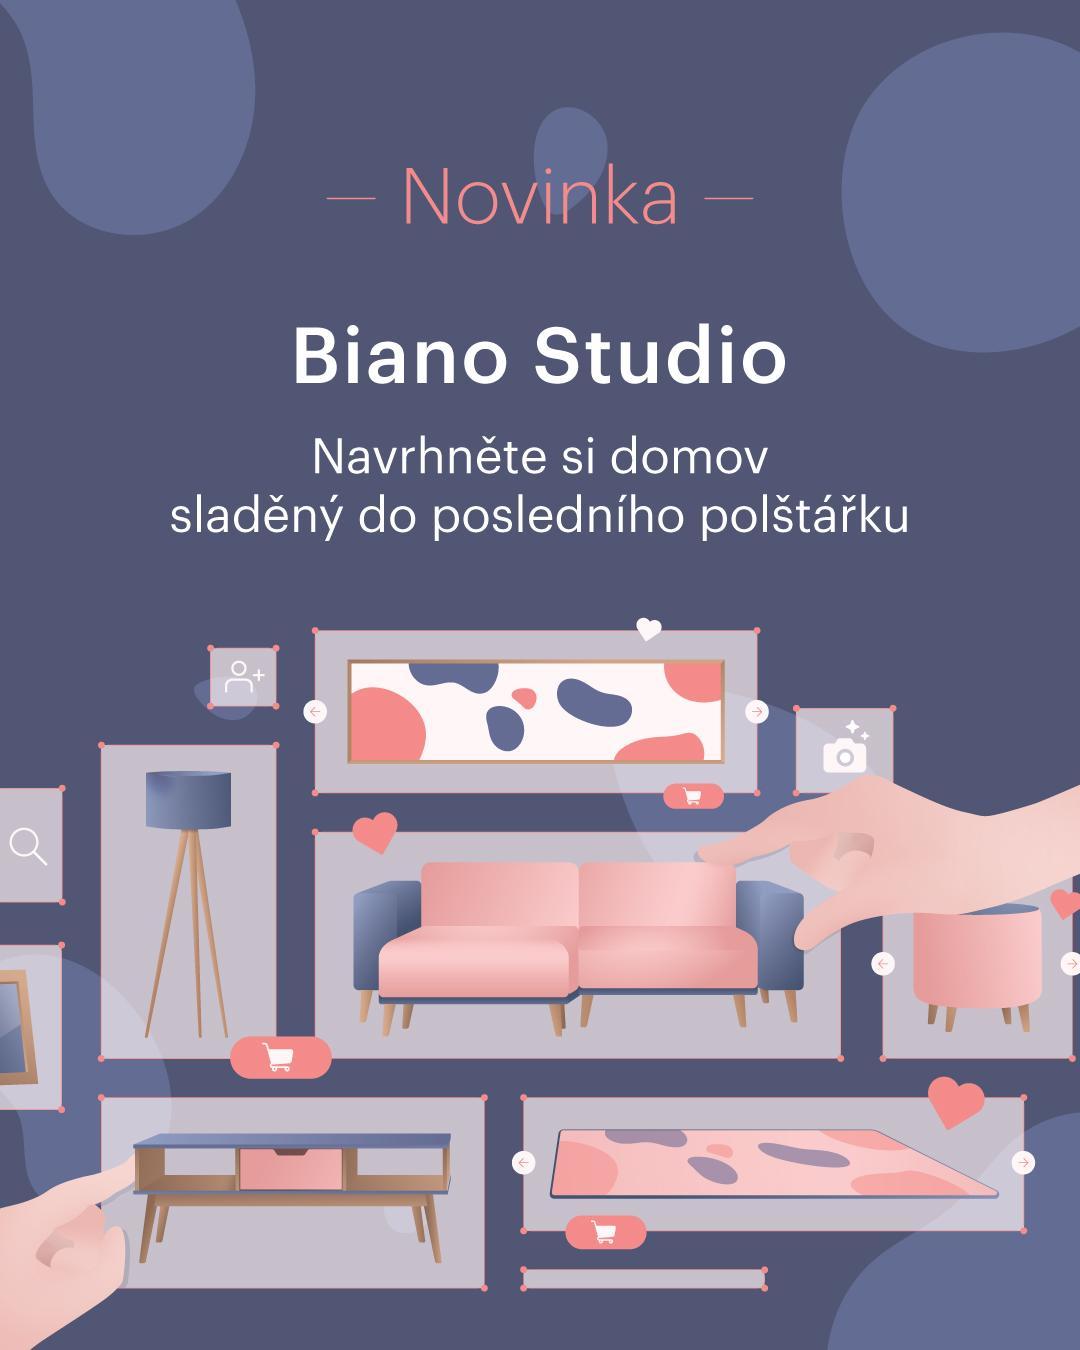 NOVINKA 🆕 Spouštíme Biano Studio 🎉 Navrhněte si pokoj online v našem novém plánovači interiérů.  ✔ Vyberte a kombinujte různé kusy nábytku a dekorací a vyzkoušejte, zda k sobě ladí x neladí. Online a zdarma. ✔ Vytvořte si vlastní projekt na 👉 https://studio.biano.cz/ 👈 ✔ Inspirujte se a sdílejte svůj návrh se svými blízkými nebo komunitou milovníků bydlení.  Zkuste to na 👉 www.biano.cz 👈 - Obrázek č. 1